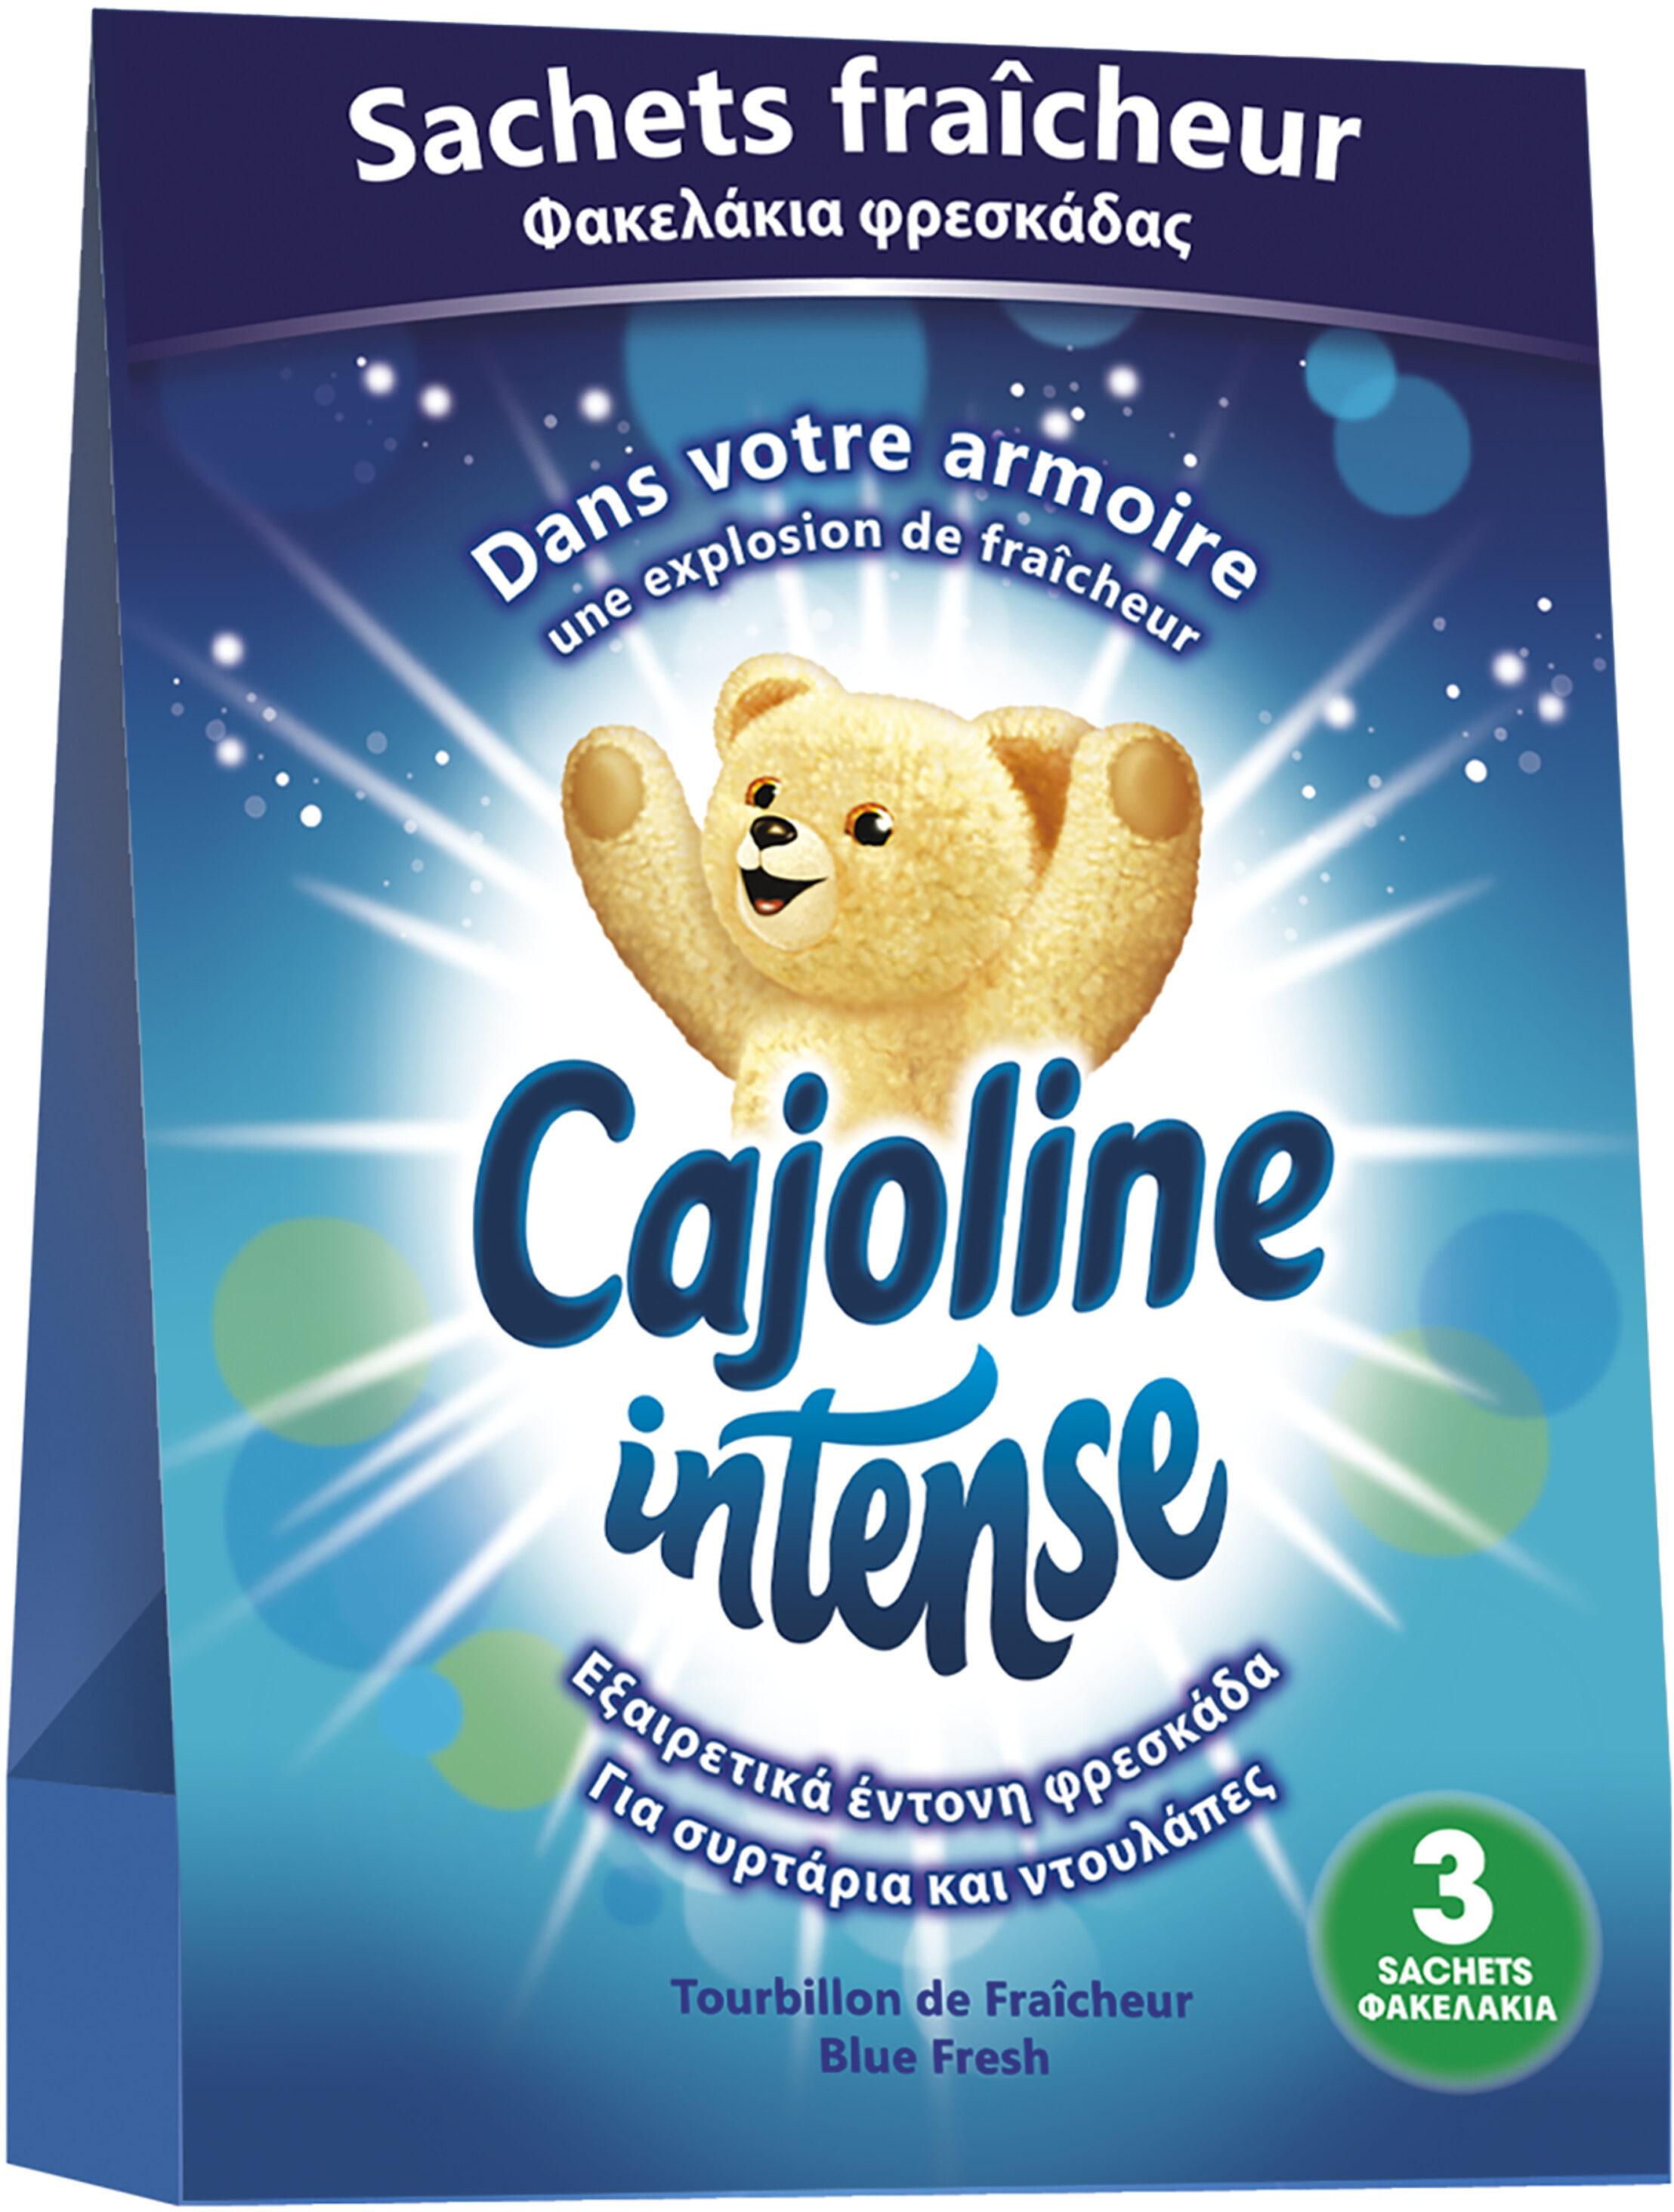 Cajoline Intense Sachets pour Armoire Fraîcheur Printanière 3 sachets - Product - fr